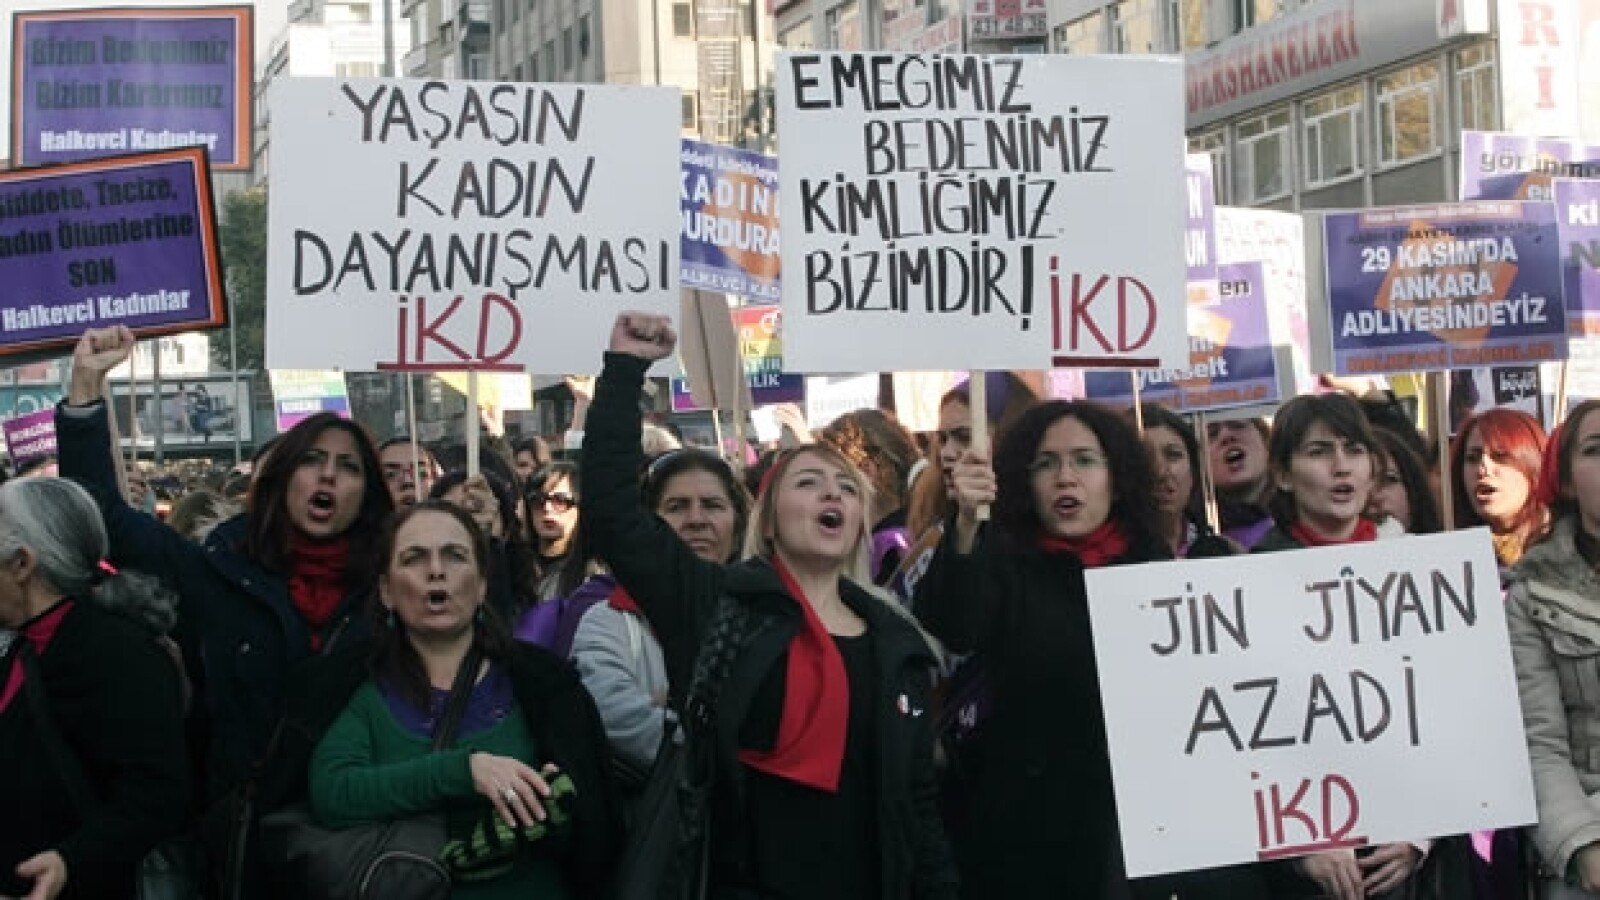 Mujeres protestan contra la violencia